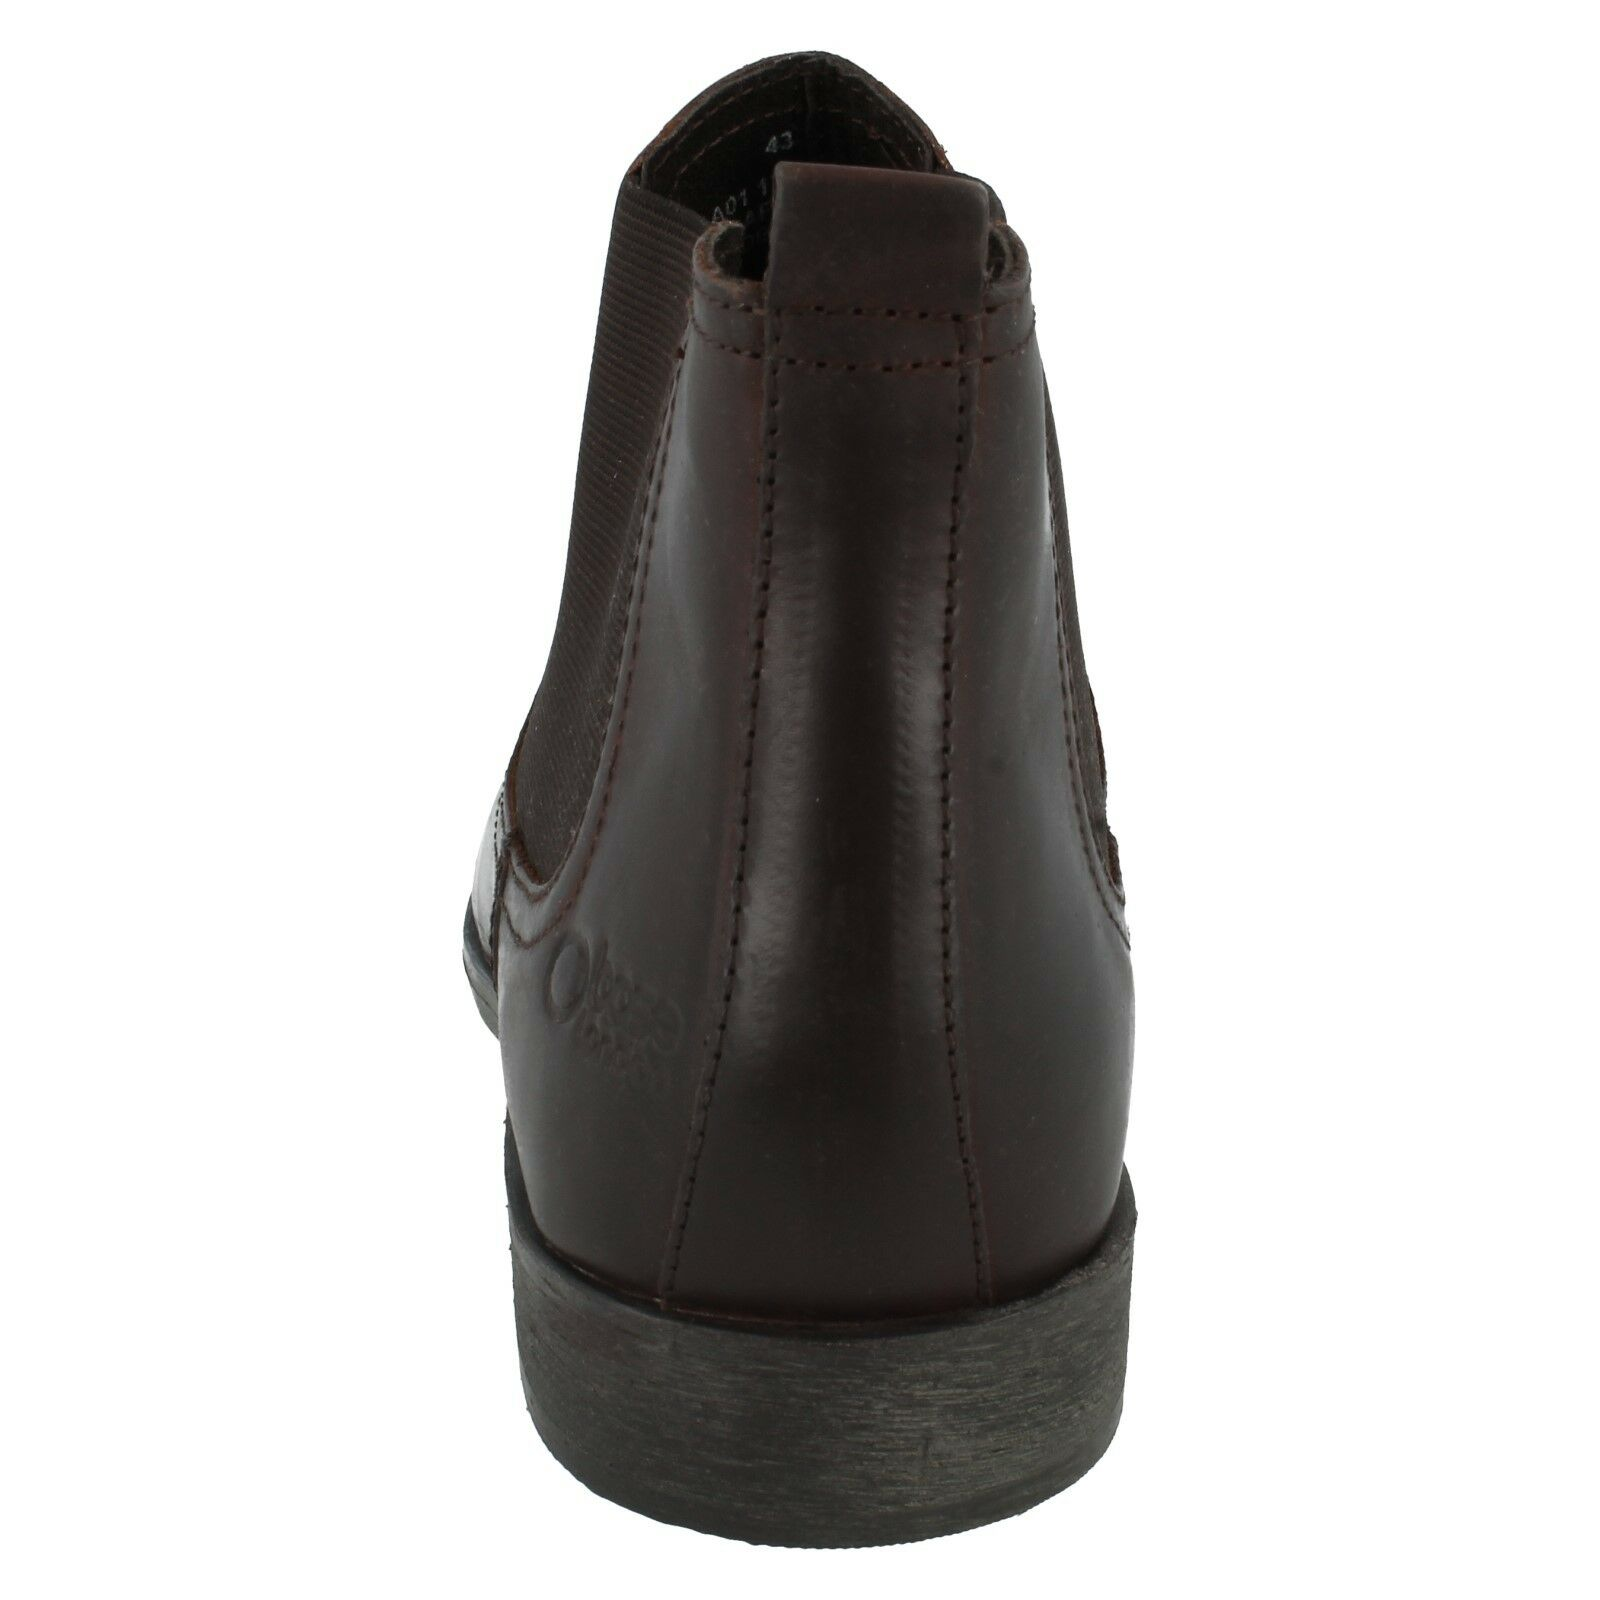 Herren Base London safran Chelsea Smart Slipper Leder elastisch Chelsea safran Stiefel 3d6b10